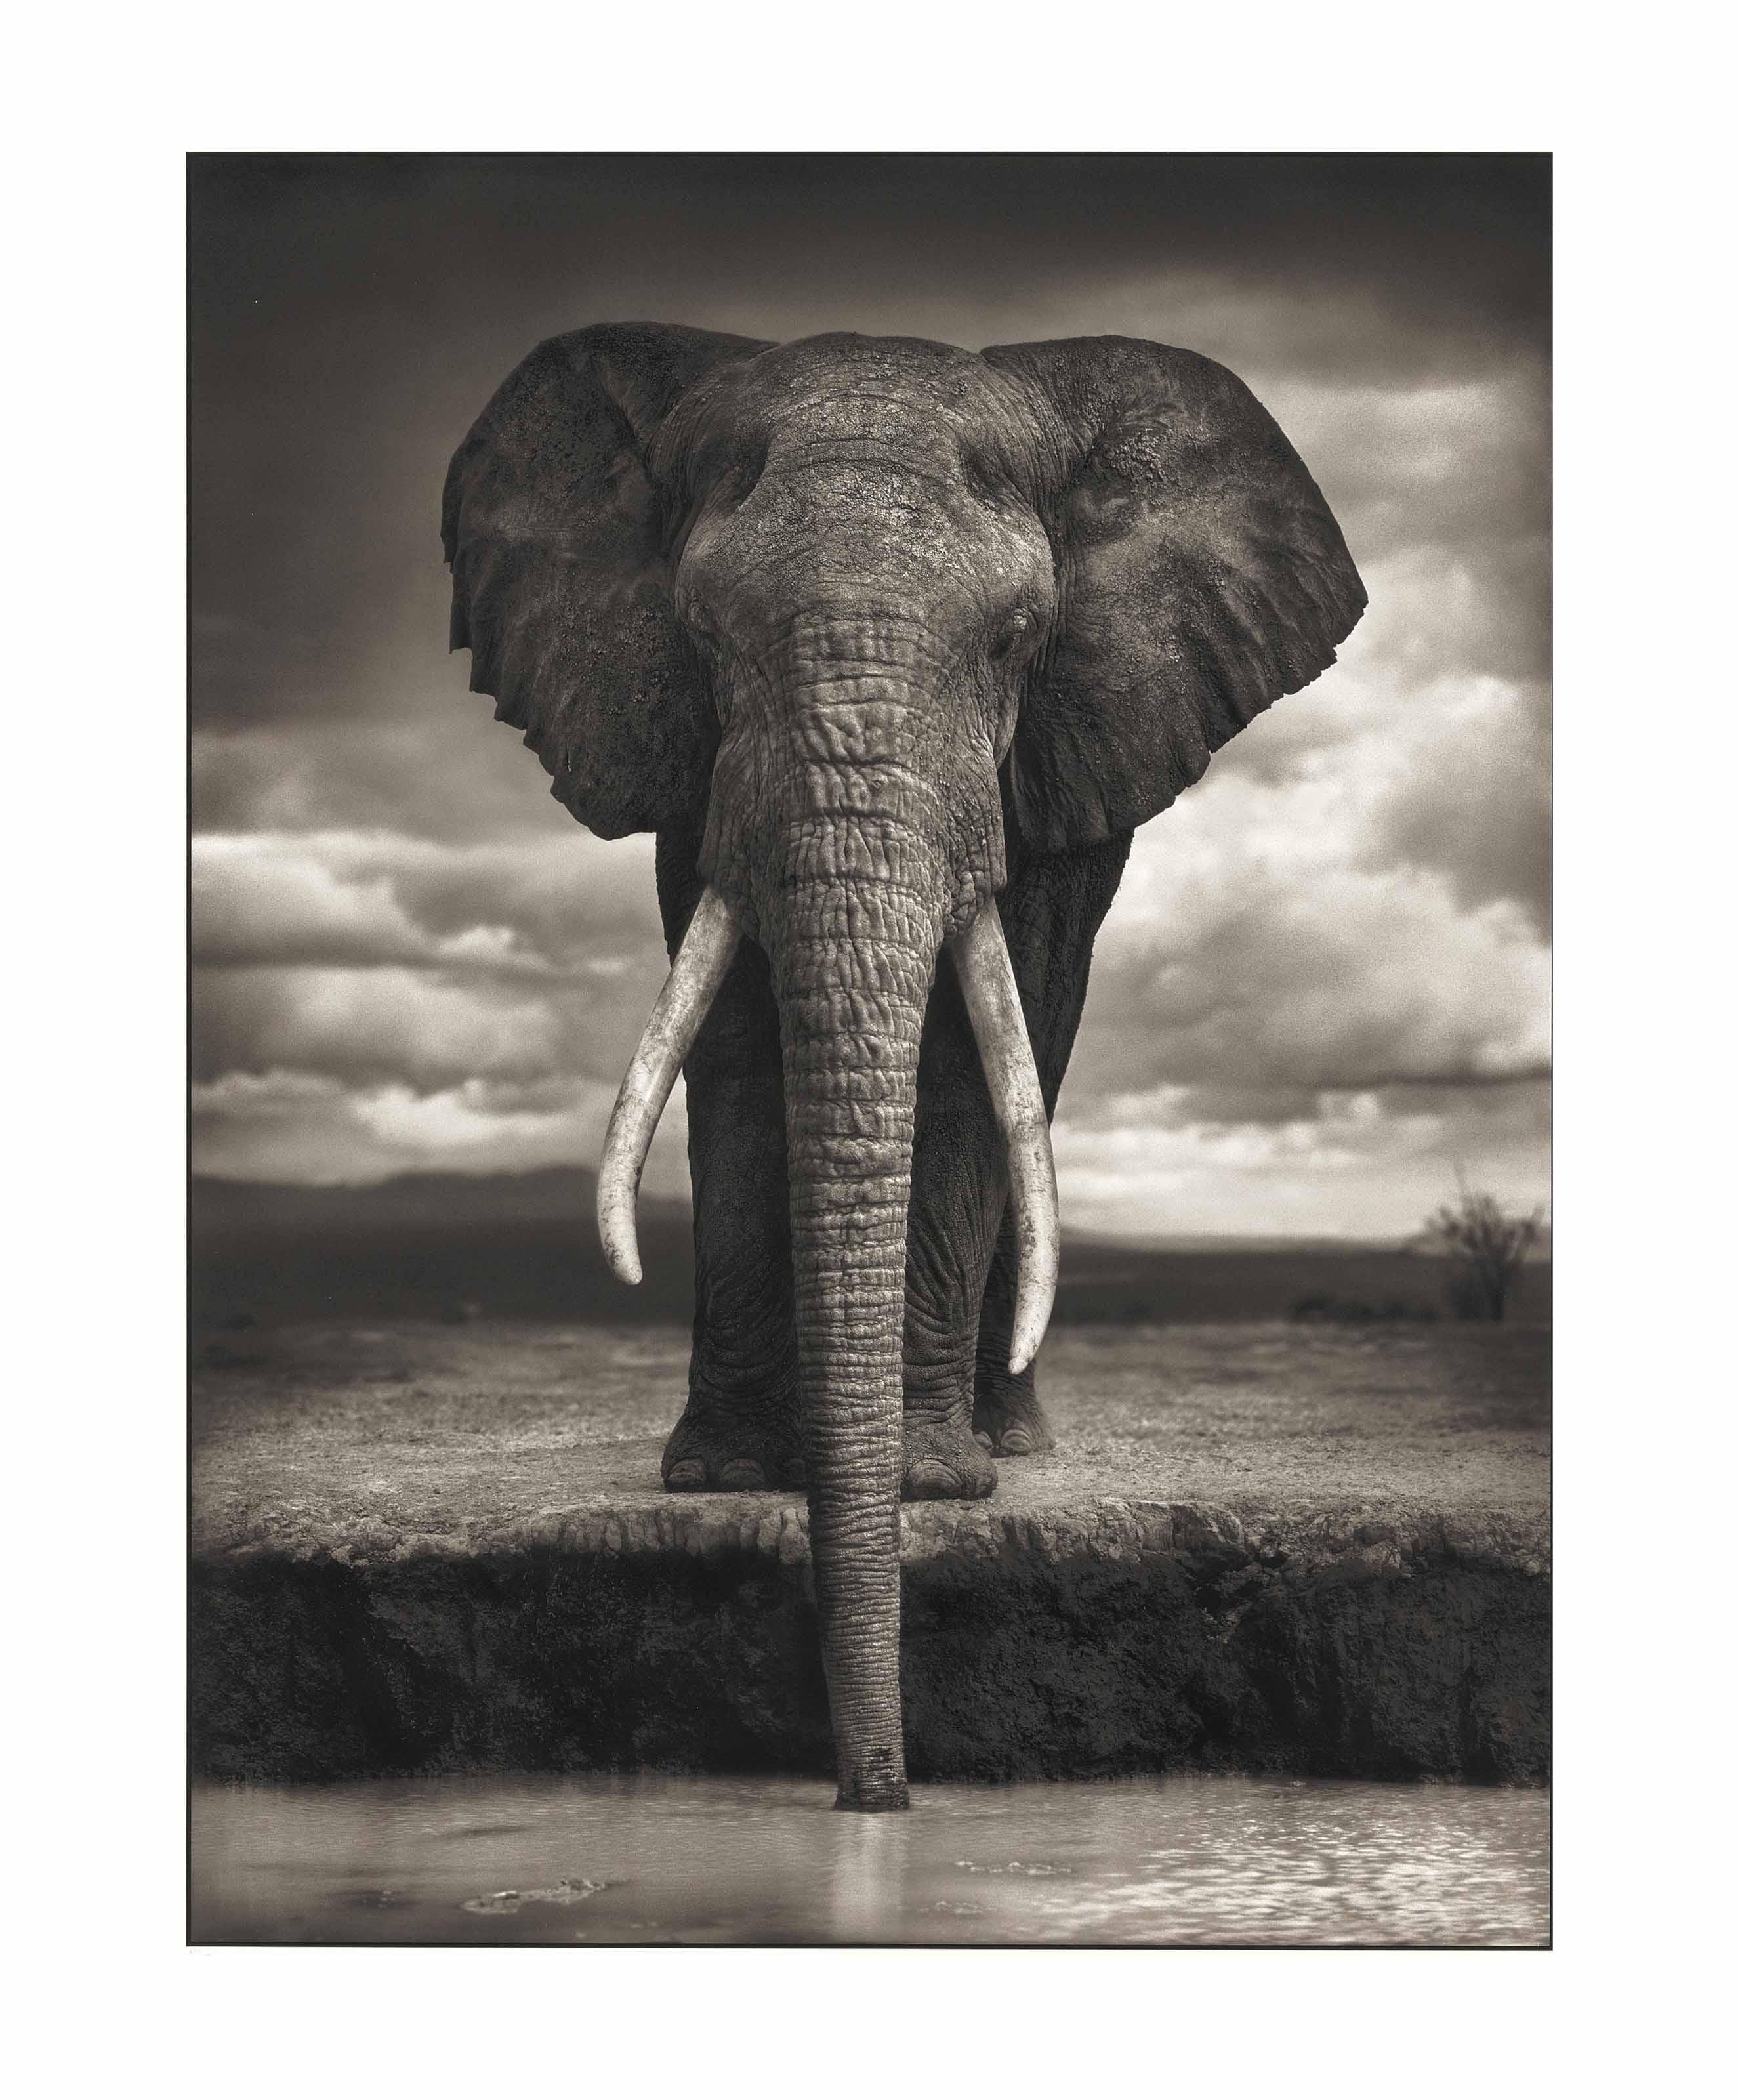 Elephant drinking, Amboseli, 2007